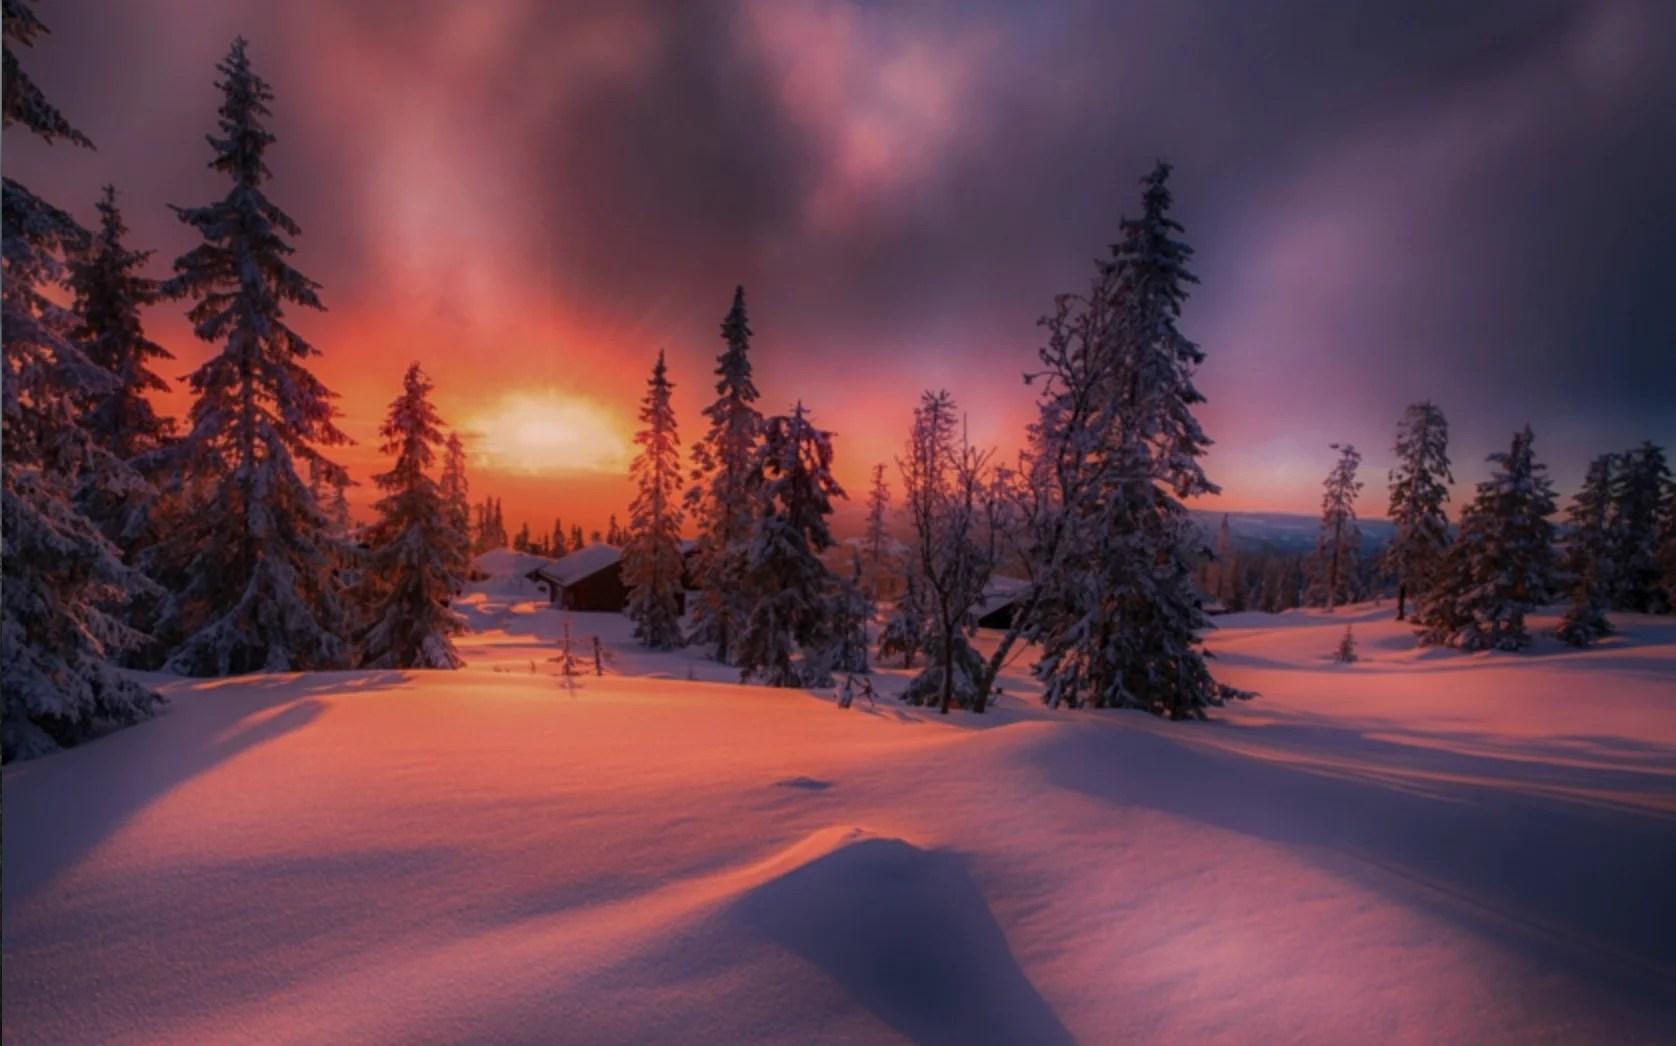 Viajes a Laponia y a Finlandia  Viajar a Laponia